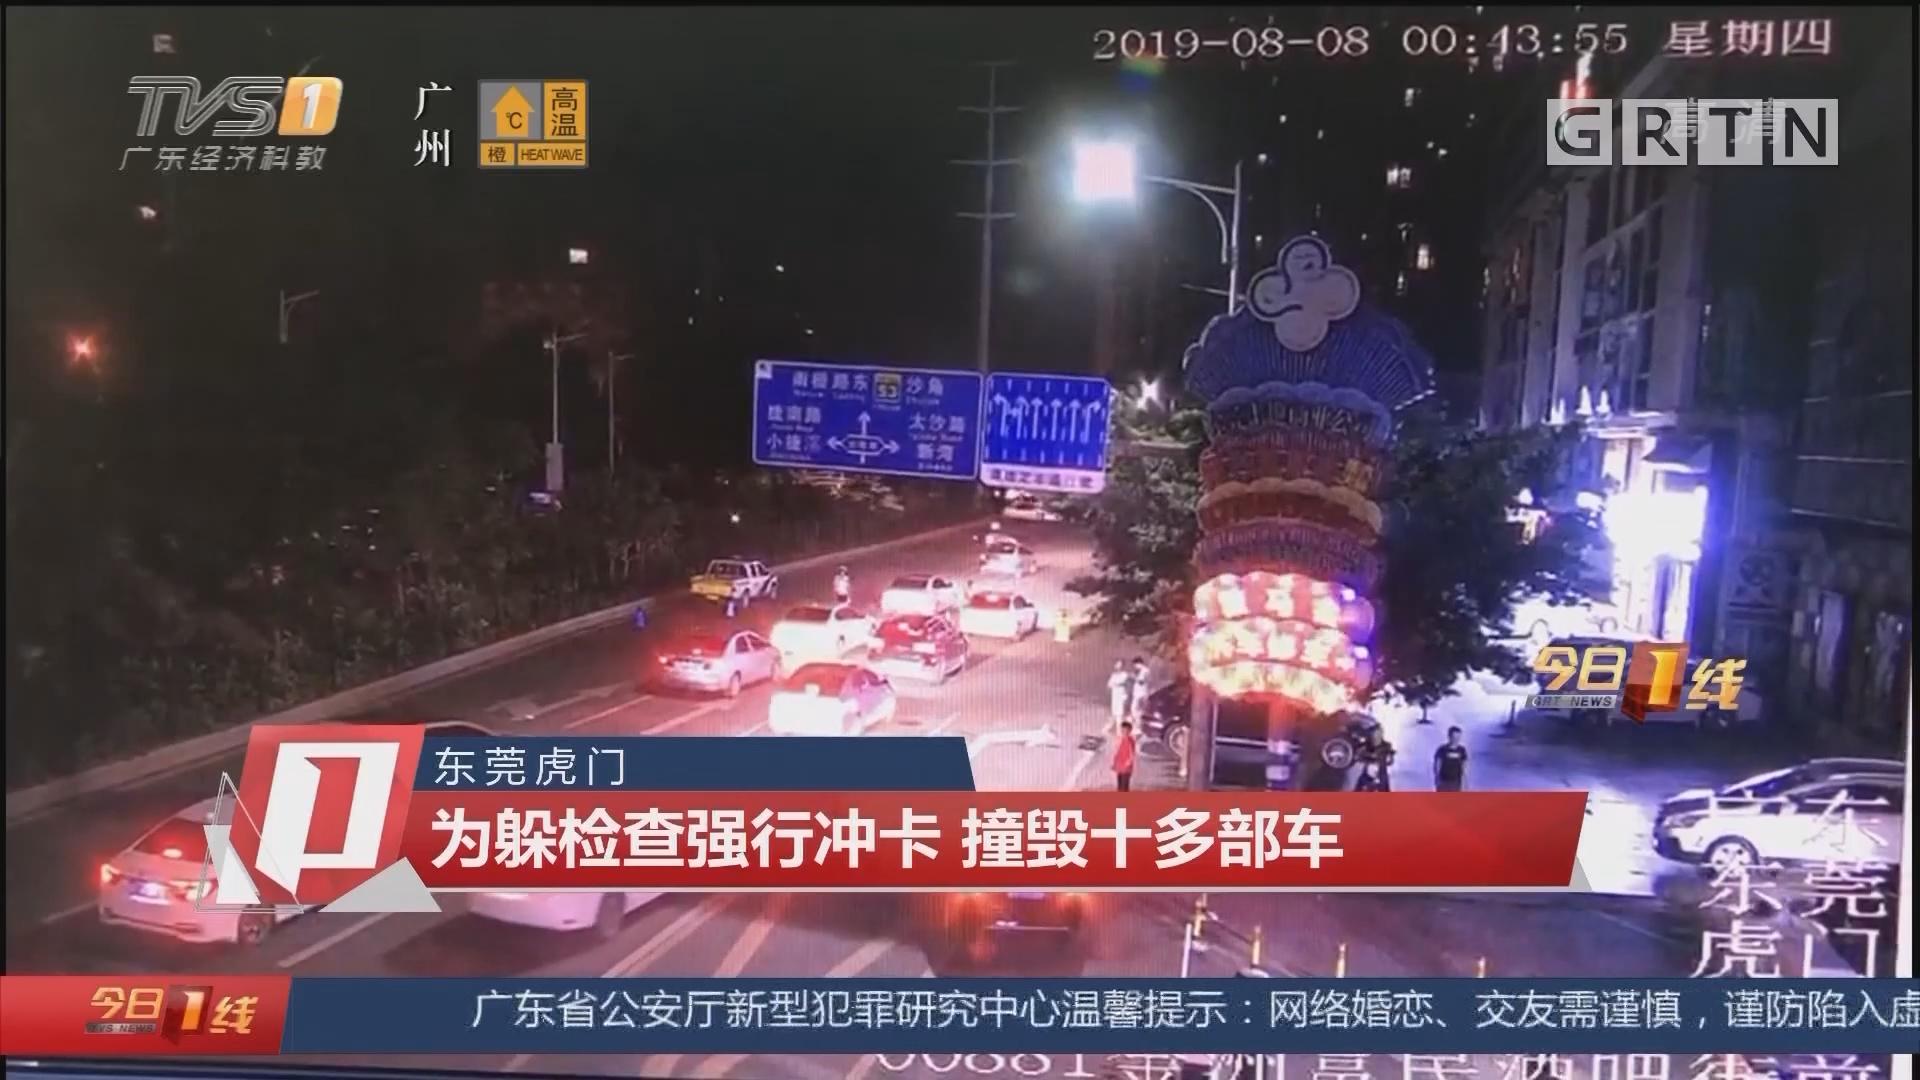 东莞虎门:为躲检查强行冲卡 撞毁十多部车